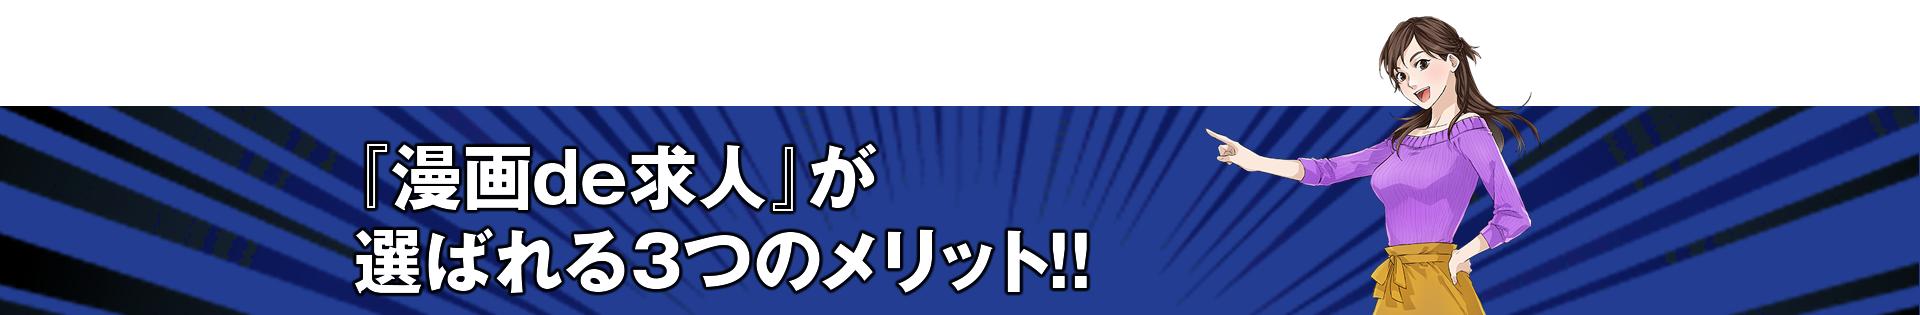 漫画で求人【漫画de求人】が選ばれる3つのメリット!PC用画像